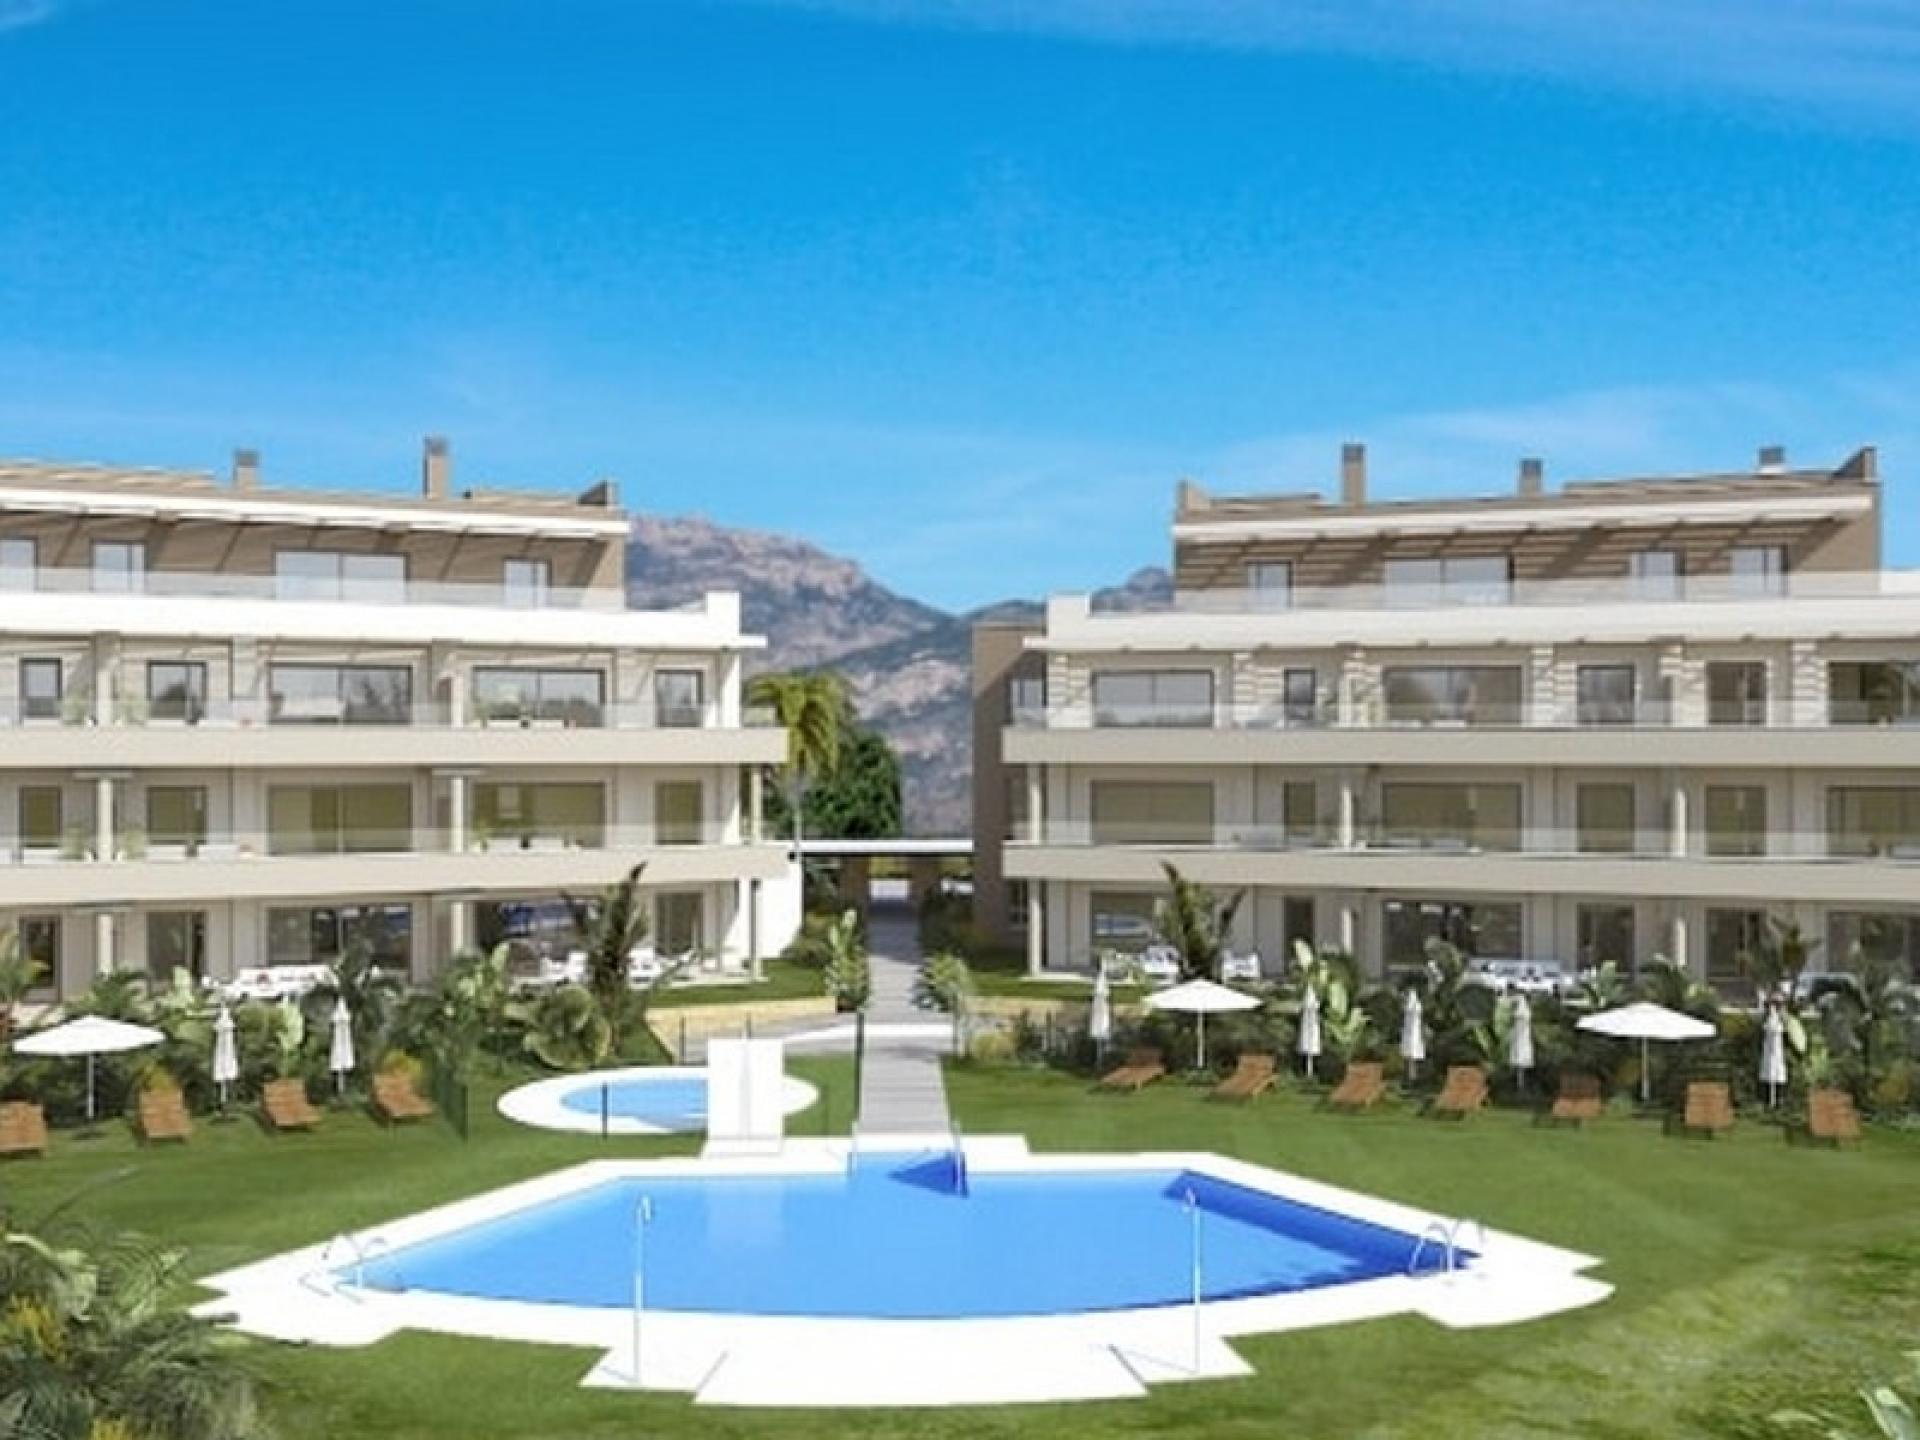 New apartments in the La Cala Golf Resort, Mijas - Malaga in Medvilla Spanje